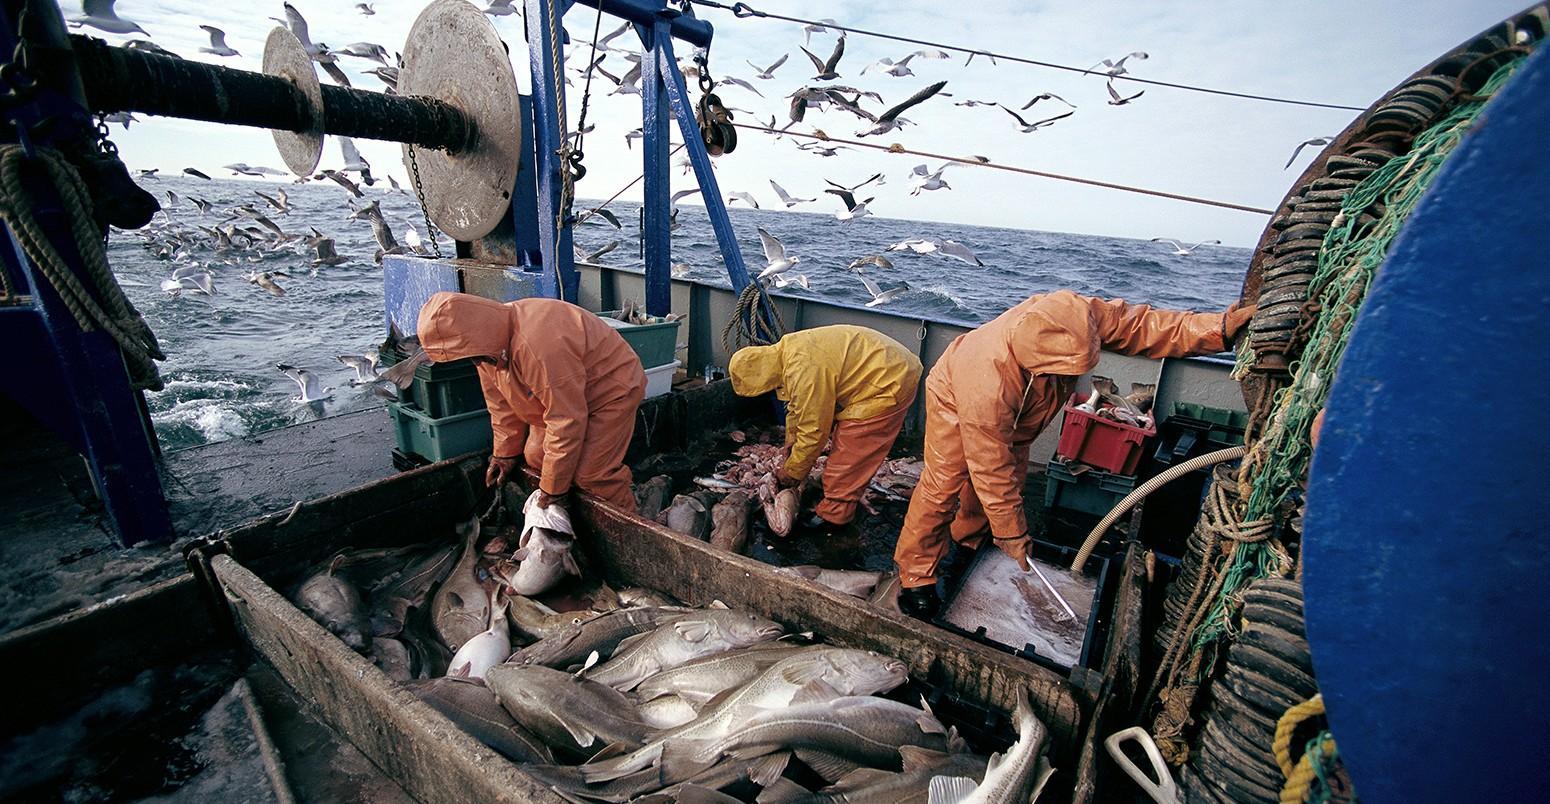 فاعلون اقتصاديون فرنسيون يستكشفون مؤهلات الصيد البحري بالأقاليم الجنوبية للمملكة